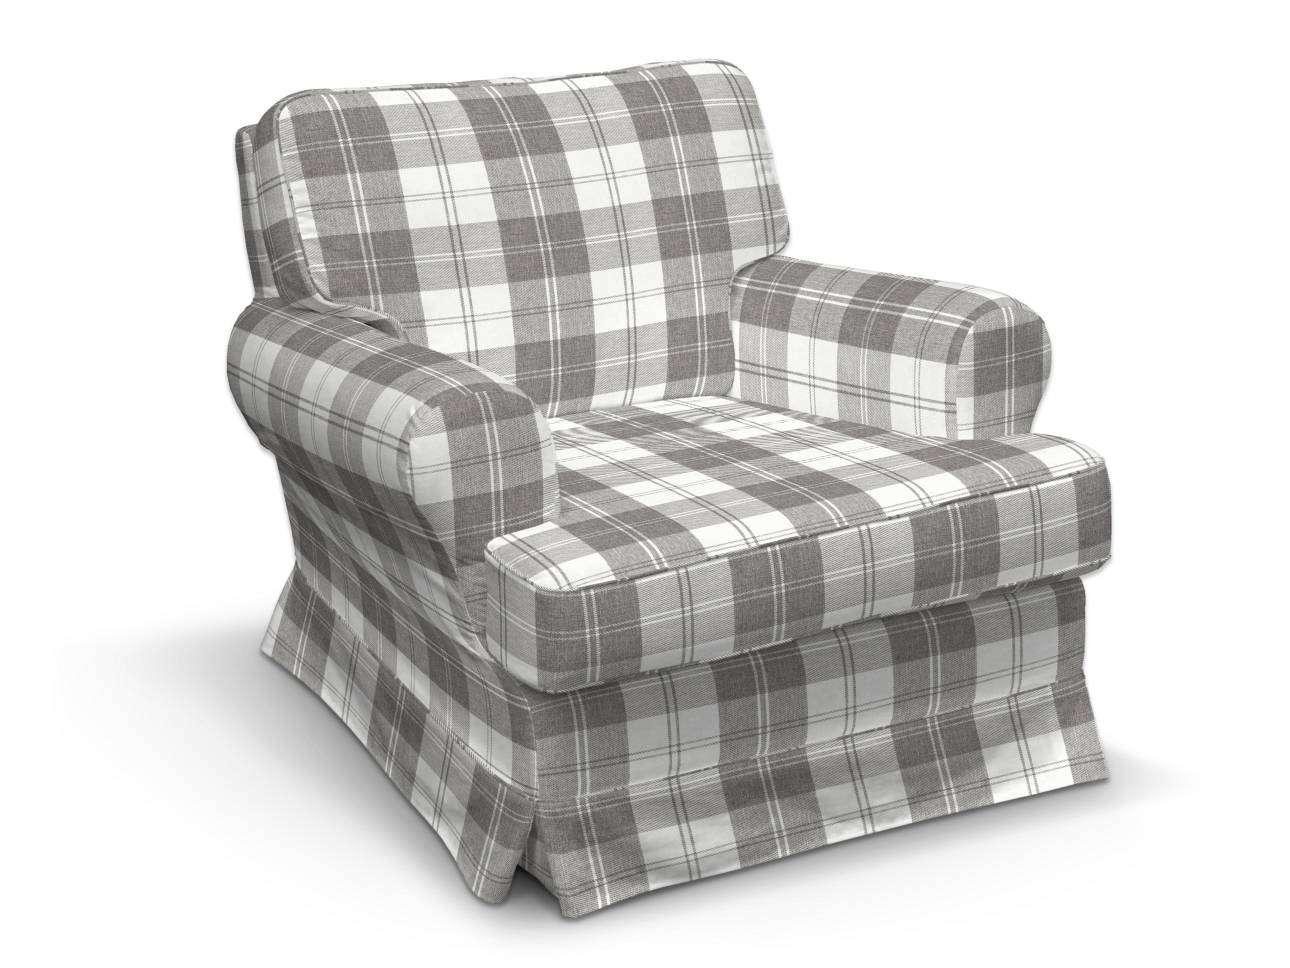 Pokrowiec na fotel Barkaby w kolekcji Edinburgh, tkanina: 115-79